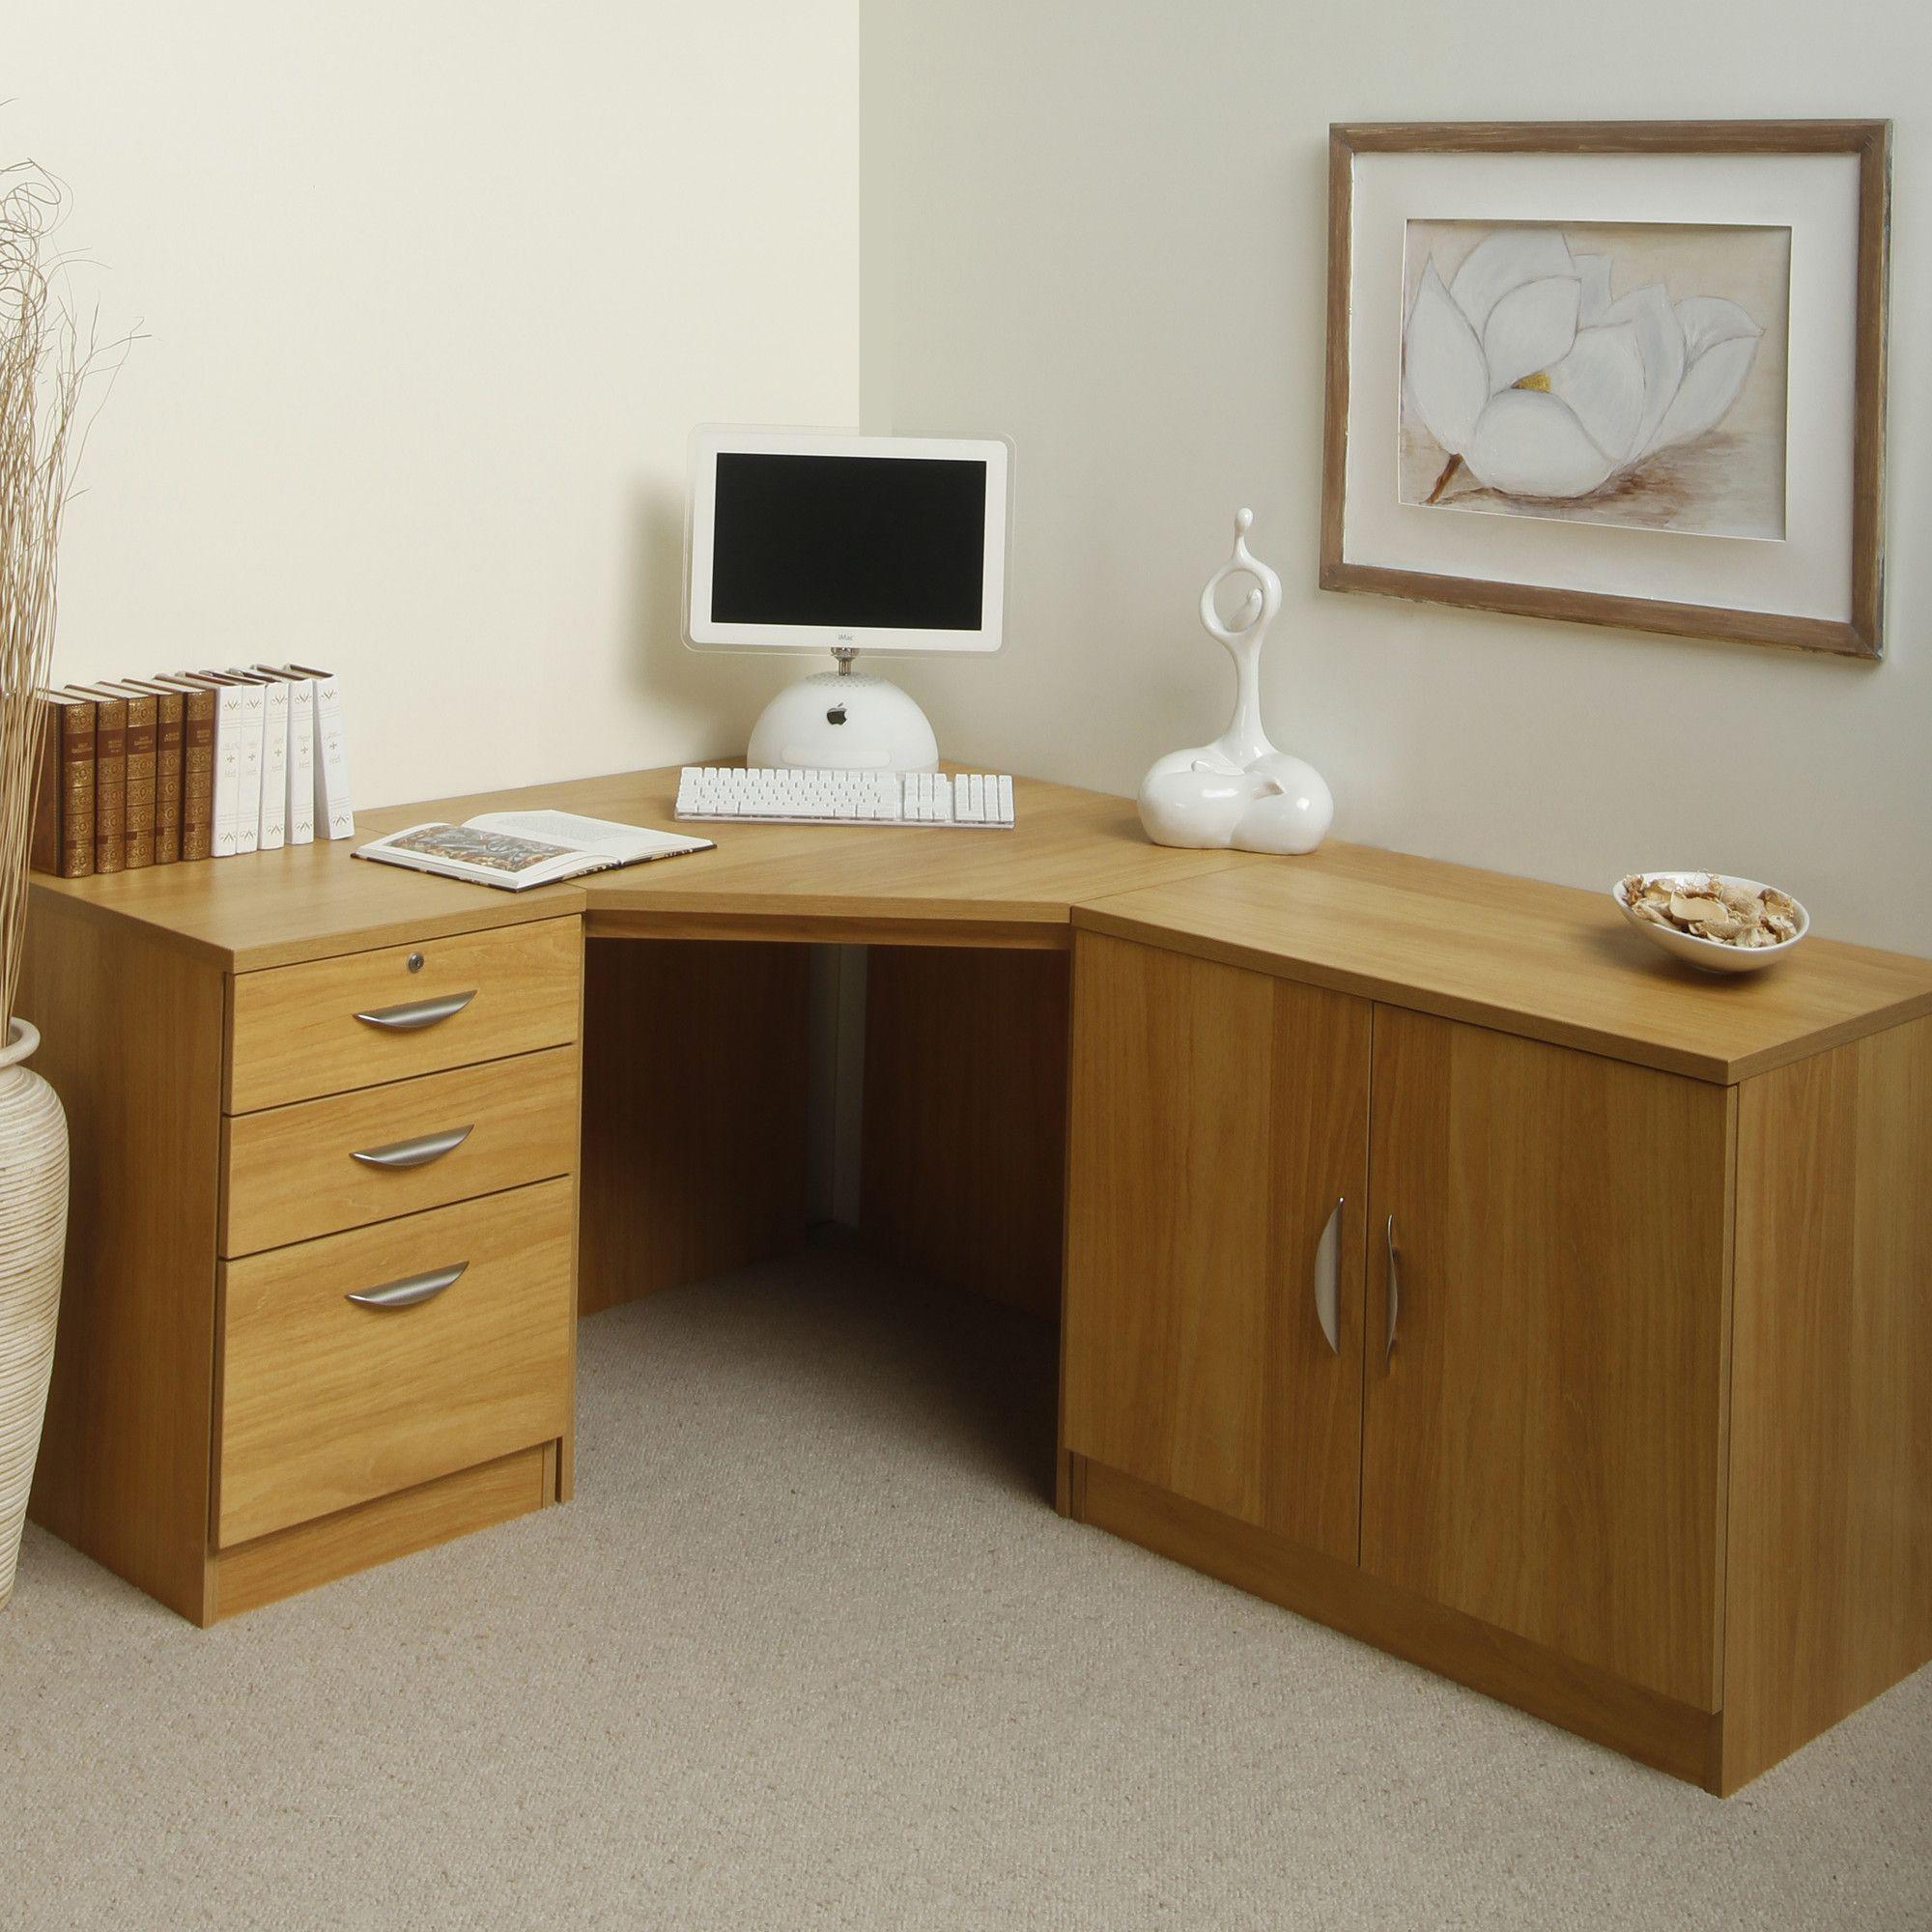 Myshop Home office furniture corner desk uk